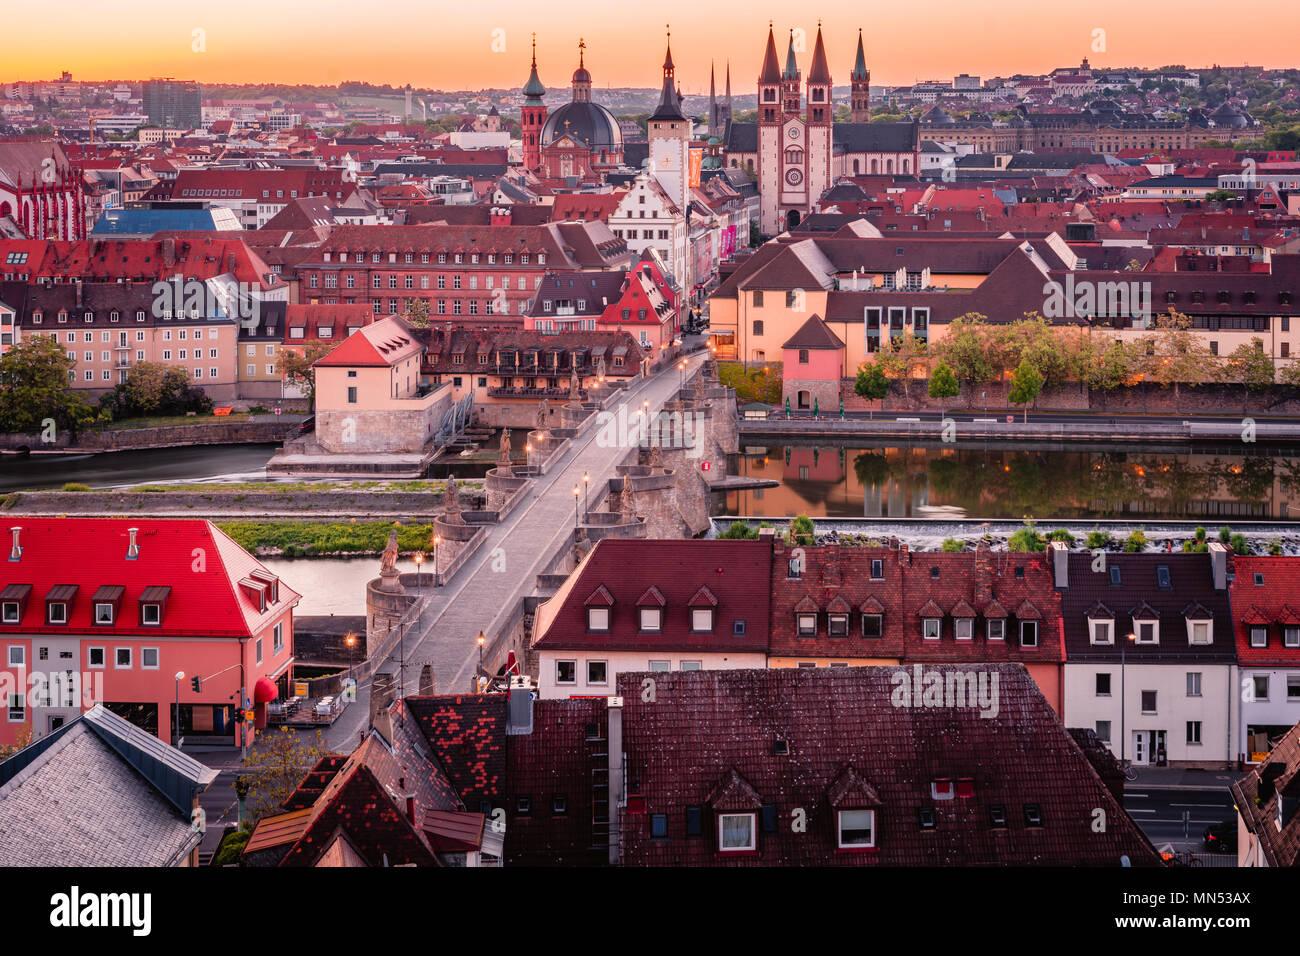 New Scenic 5 posti incredibili antenna estate panorama panorama urbano della Città Vecchia città di Wurzburg, Baviera, Germania - parte della Strada Romantica. Immagini Stock